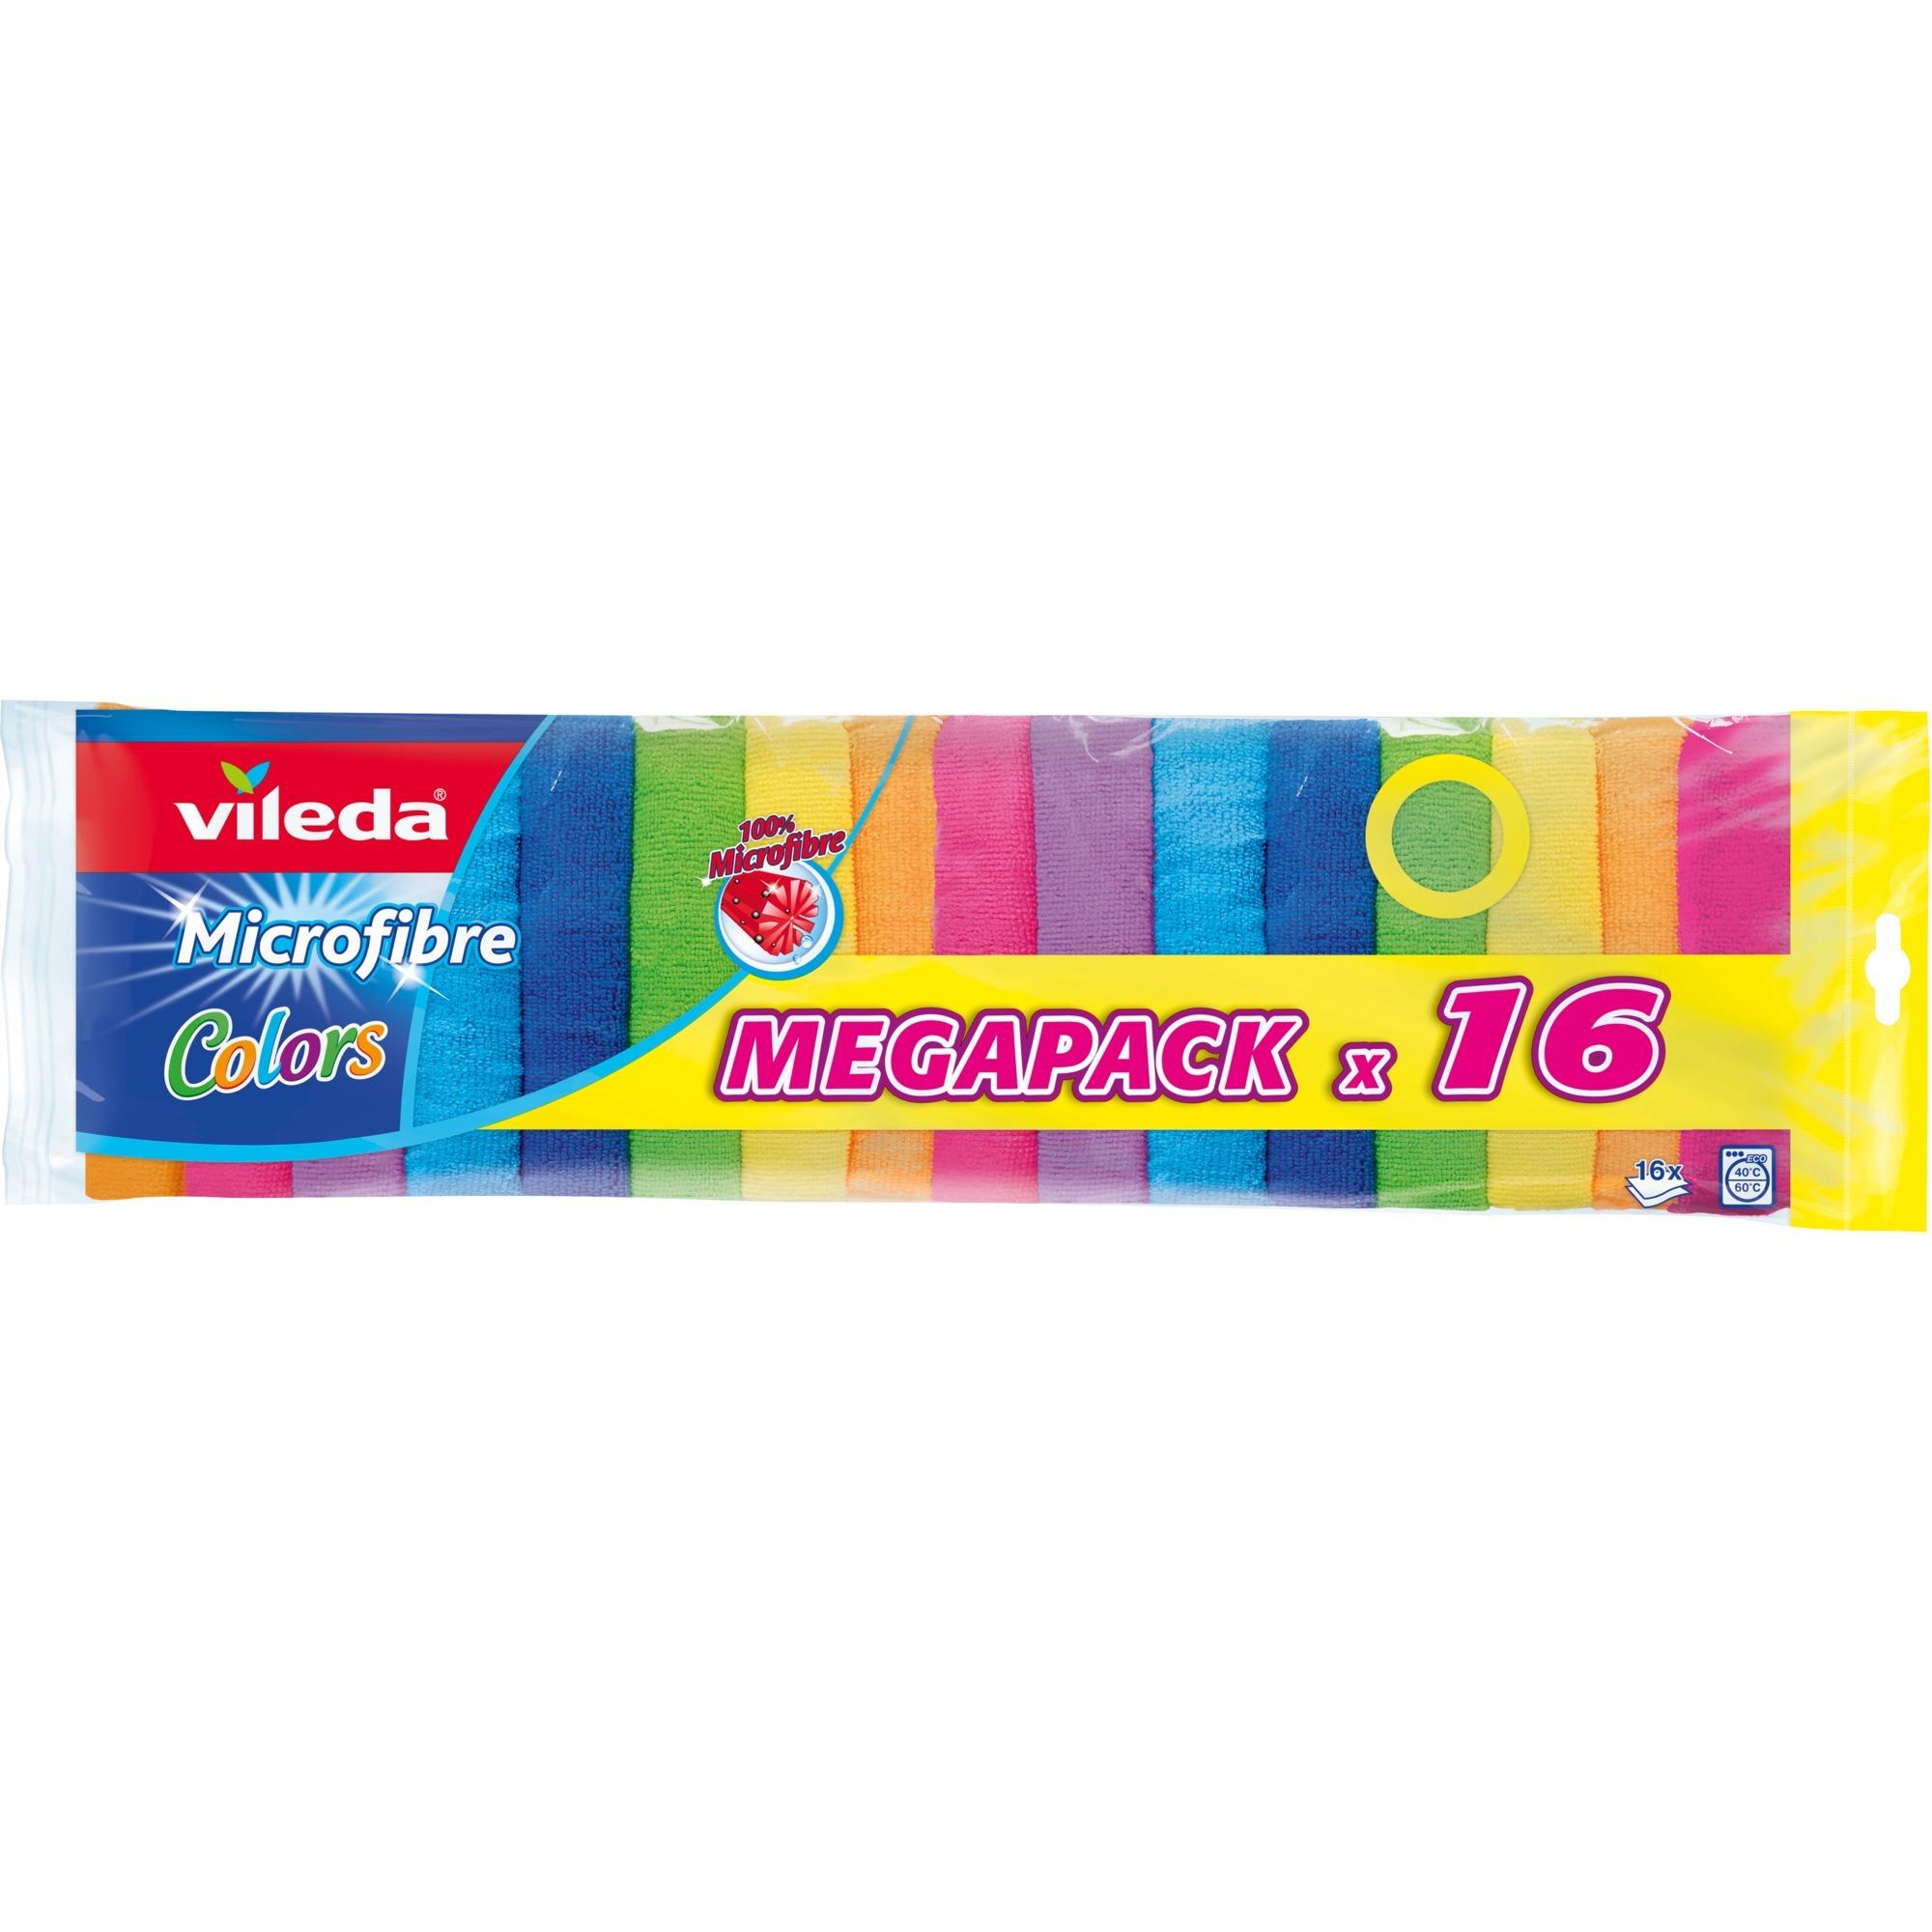 Image of Allzwecktuch Microfaser Colors 16er Megapack, Reinigungstücher